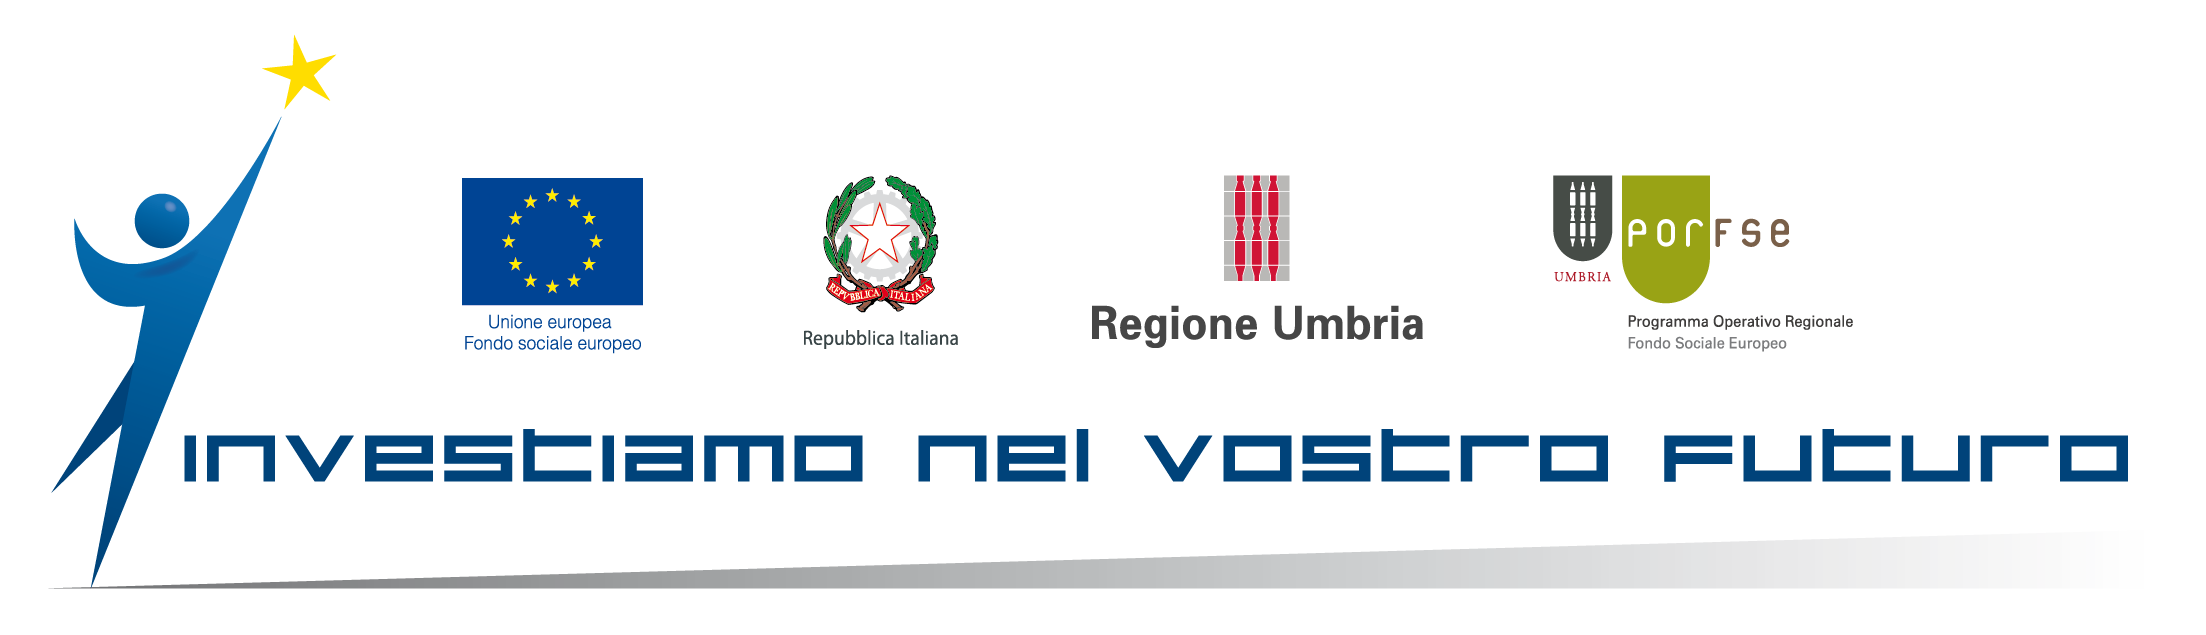 bandi regione umbria Archivi New Consulting Corsi & CO